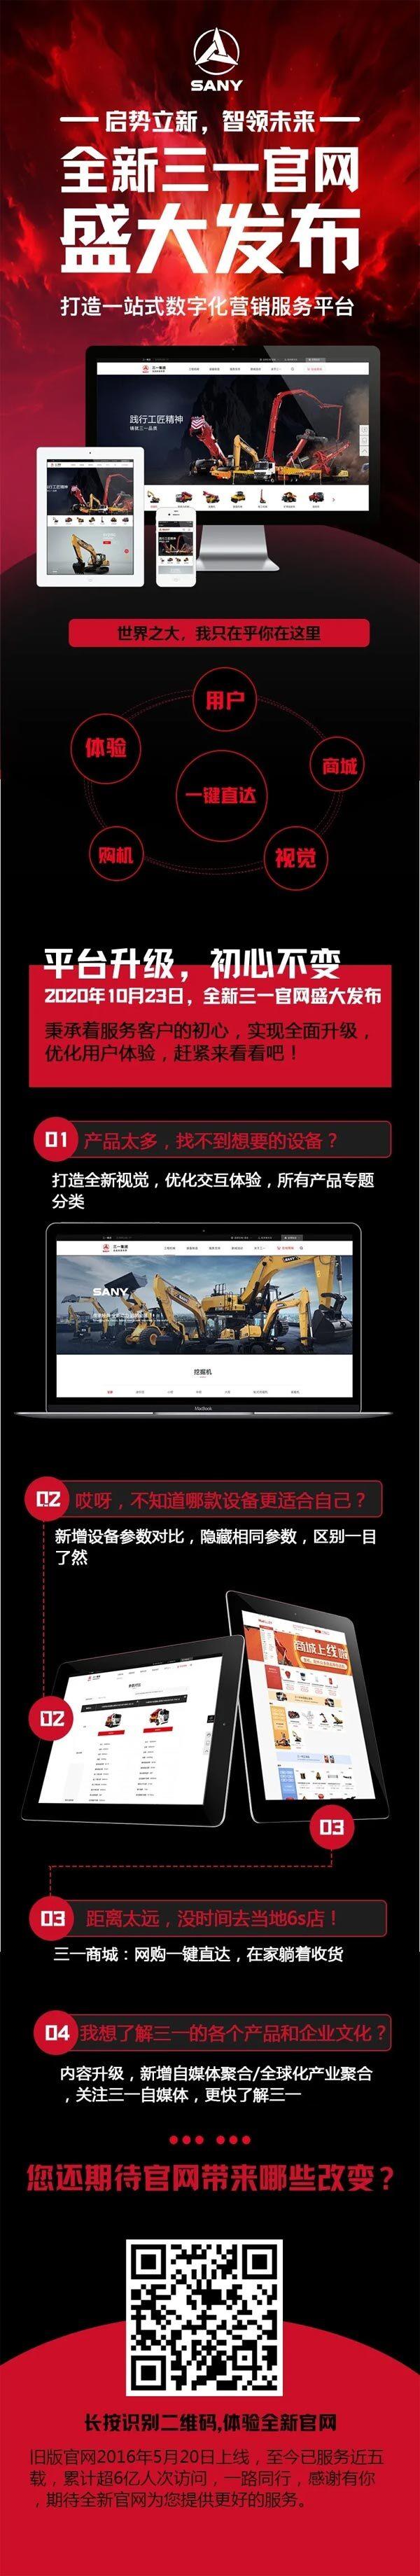 全新三一官网正式发布